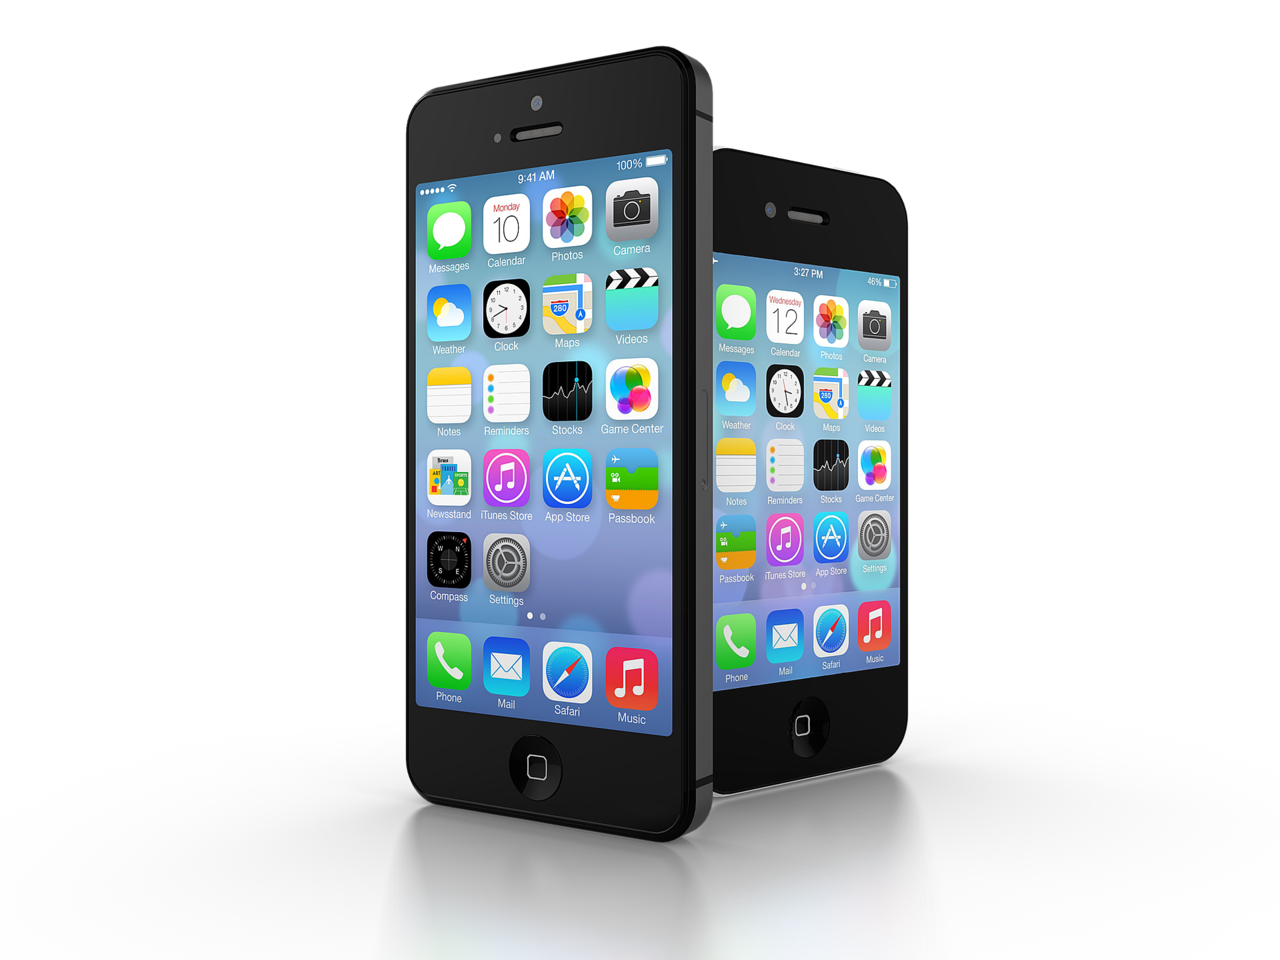 iphoneの機種変更の際のデータ移行